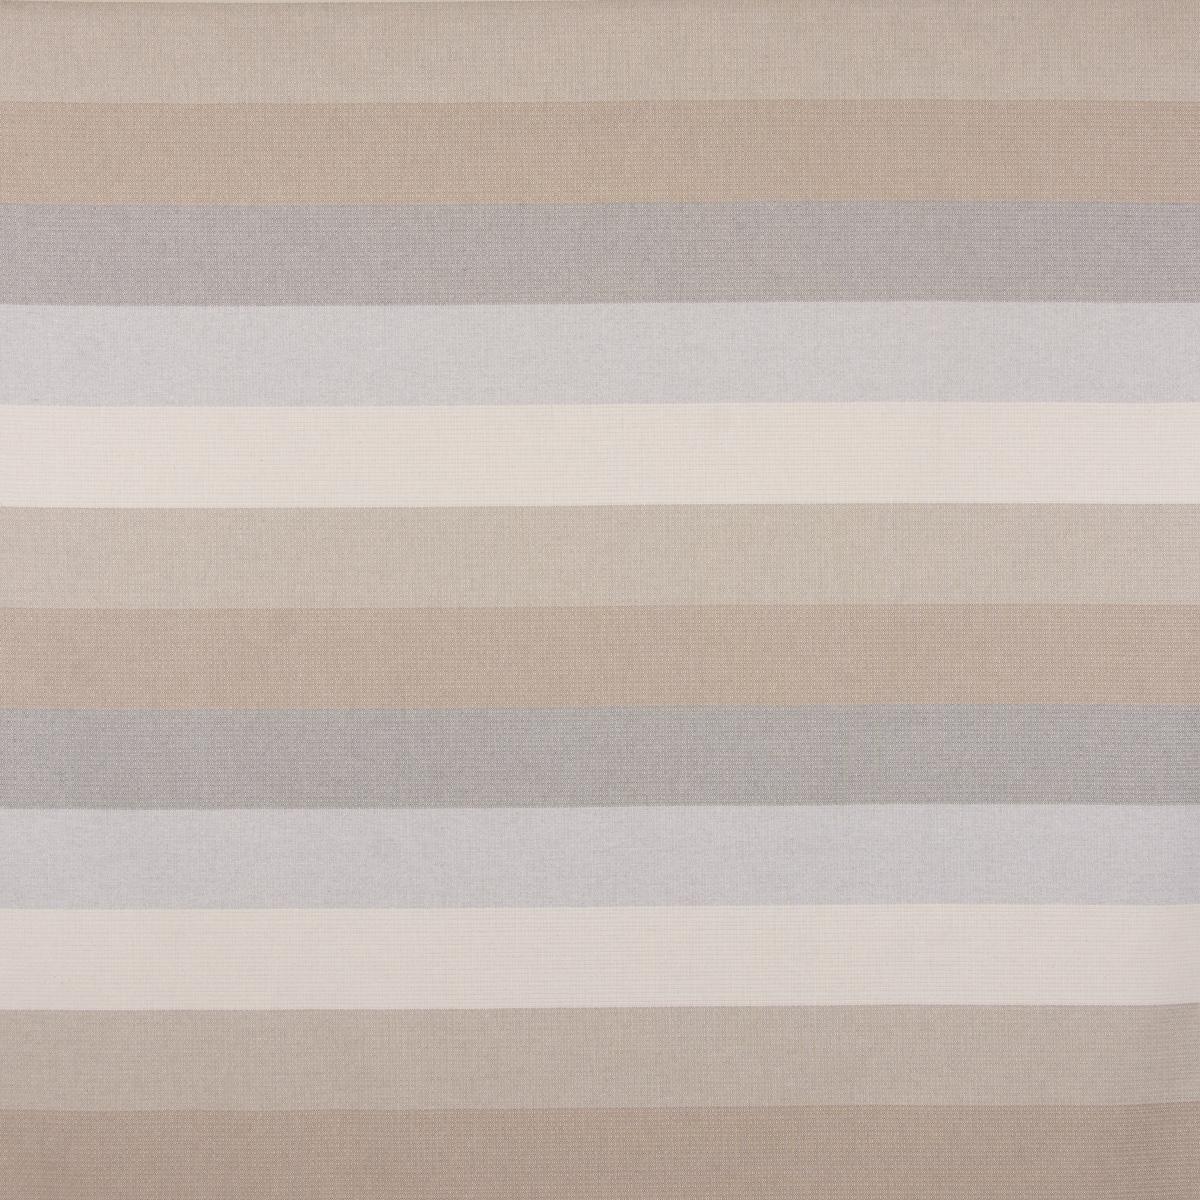 SCHÖNER LEBEN. Kissenhülle Streifen 9,5cm creme beige braun grau